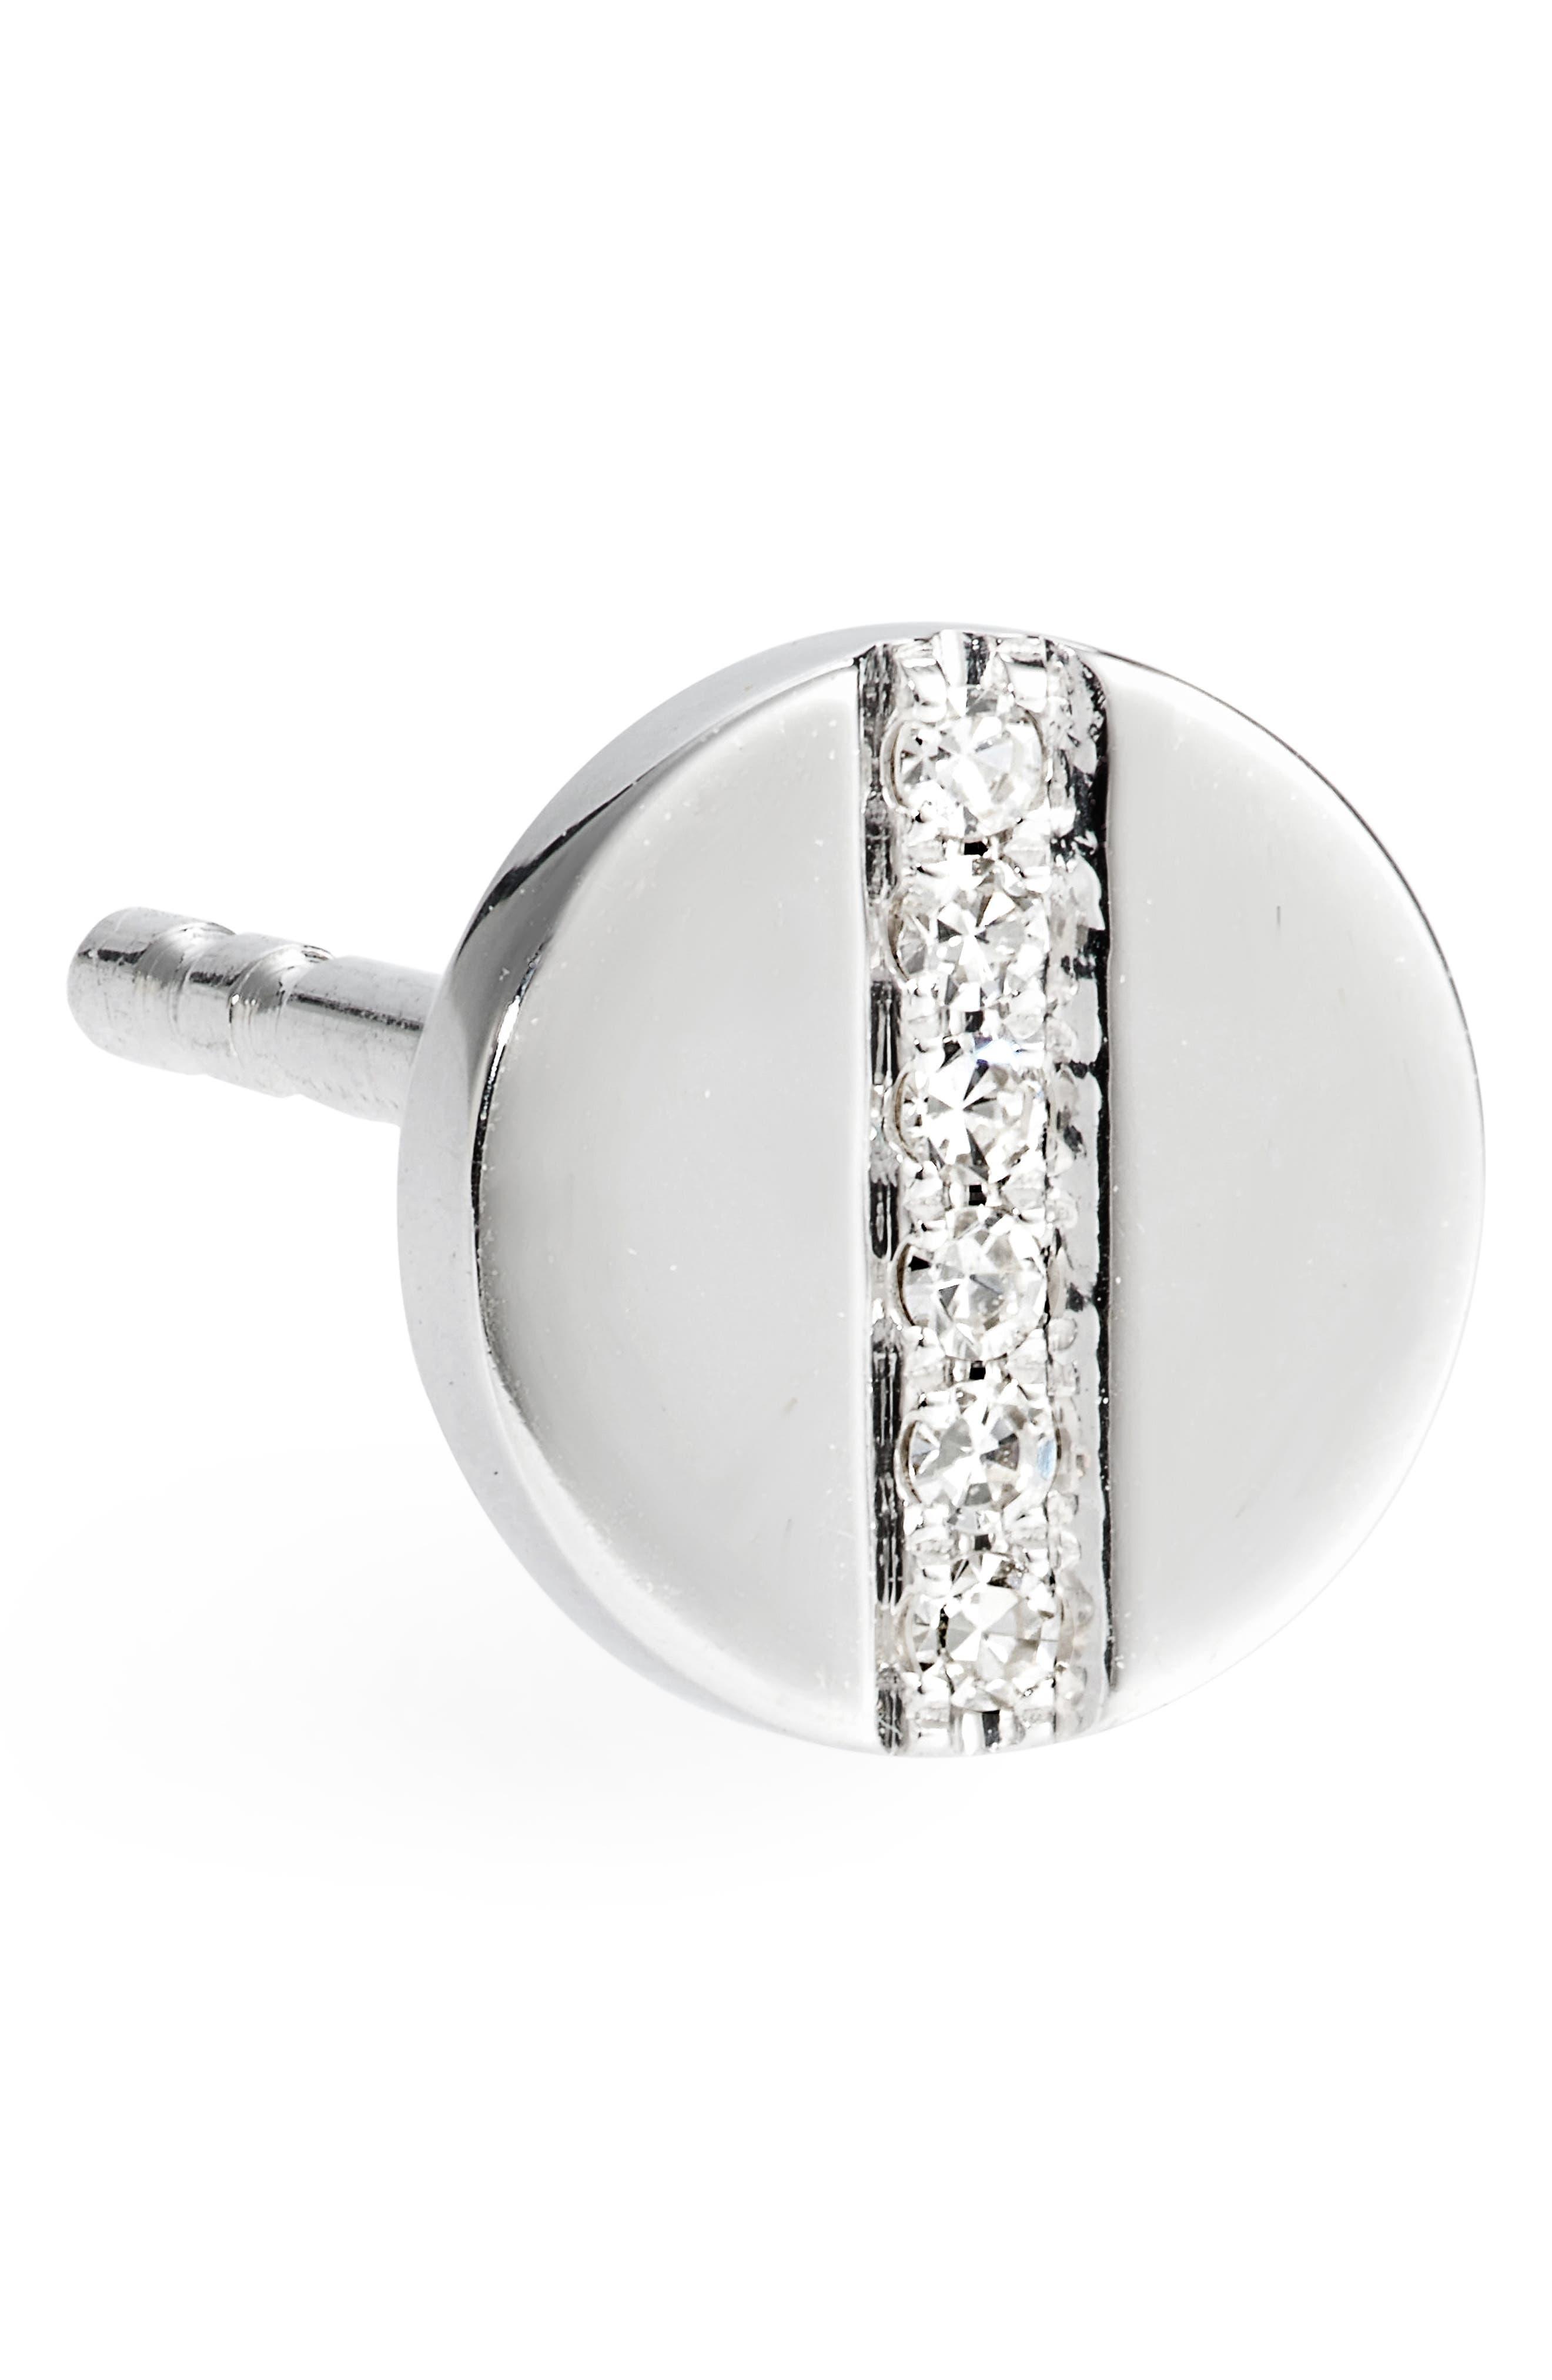 Screw Diamond Stud Earrings,                             Alternate thumbnail 5, color,                             White Gold